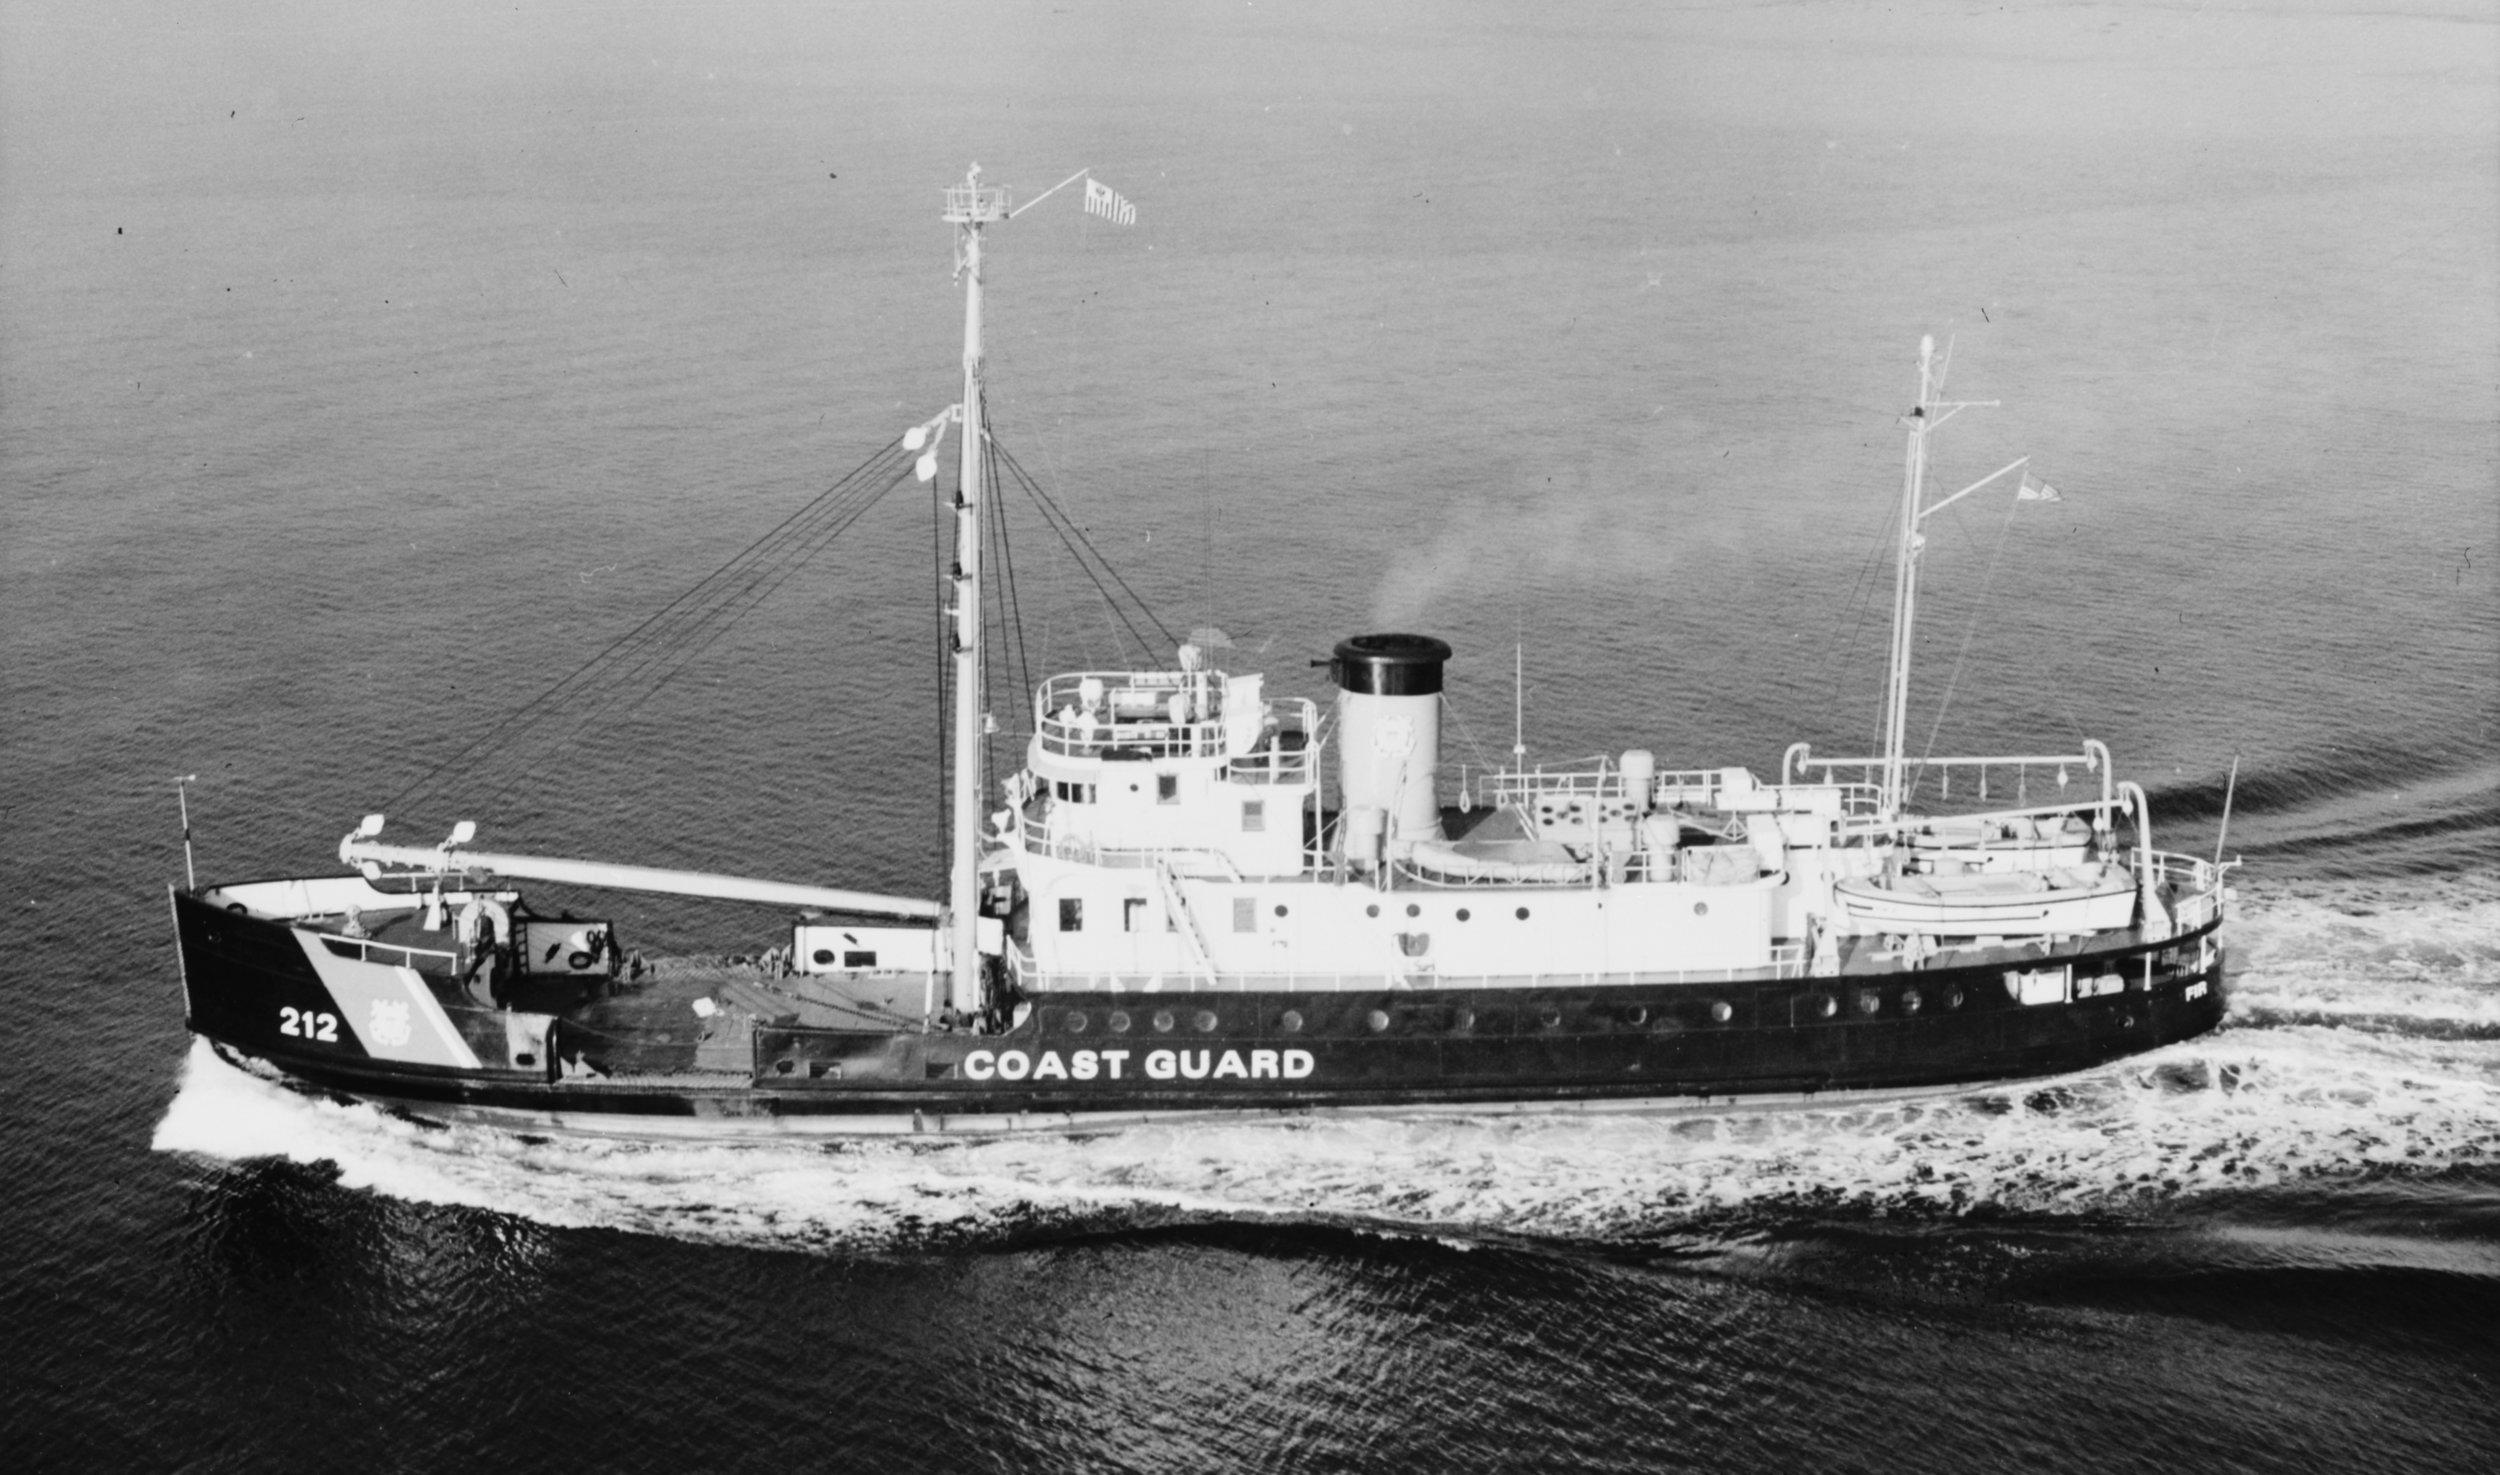 Underway prior to 1951